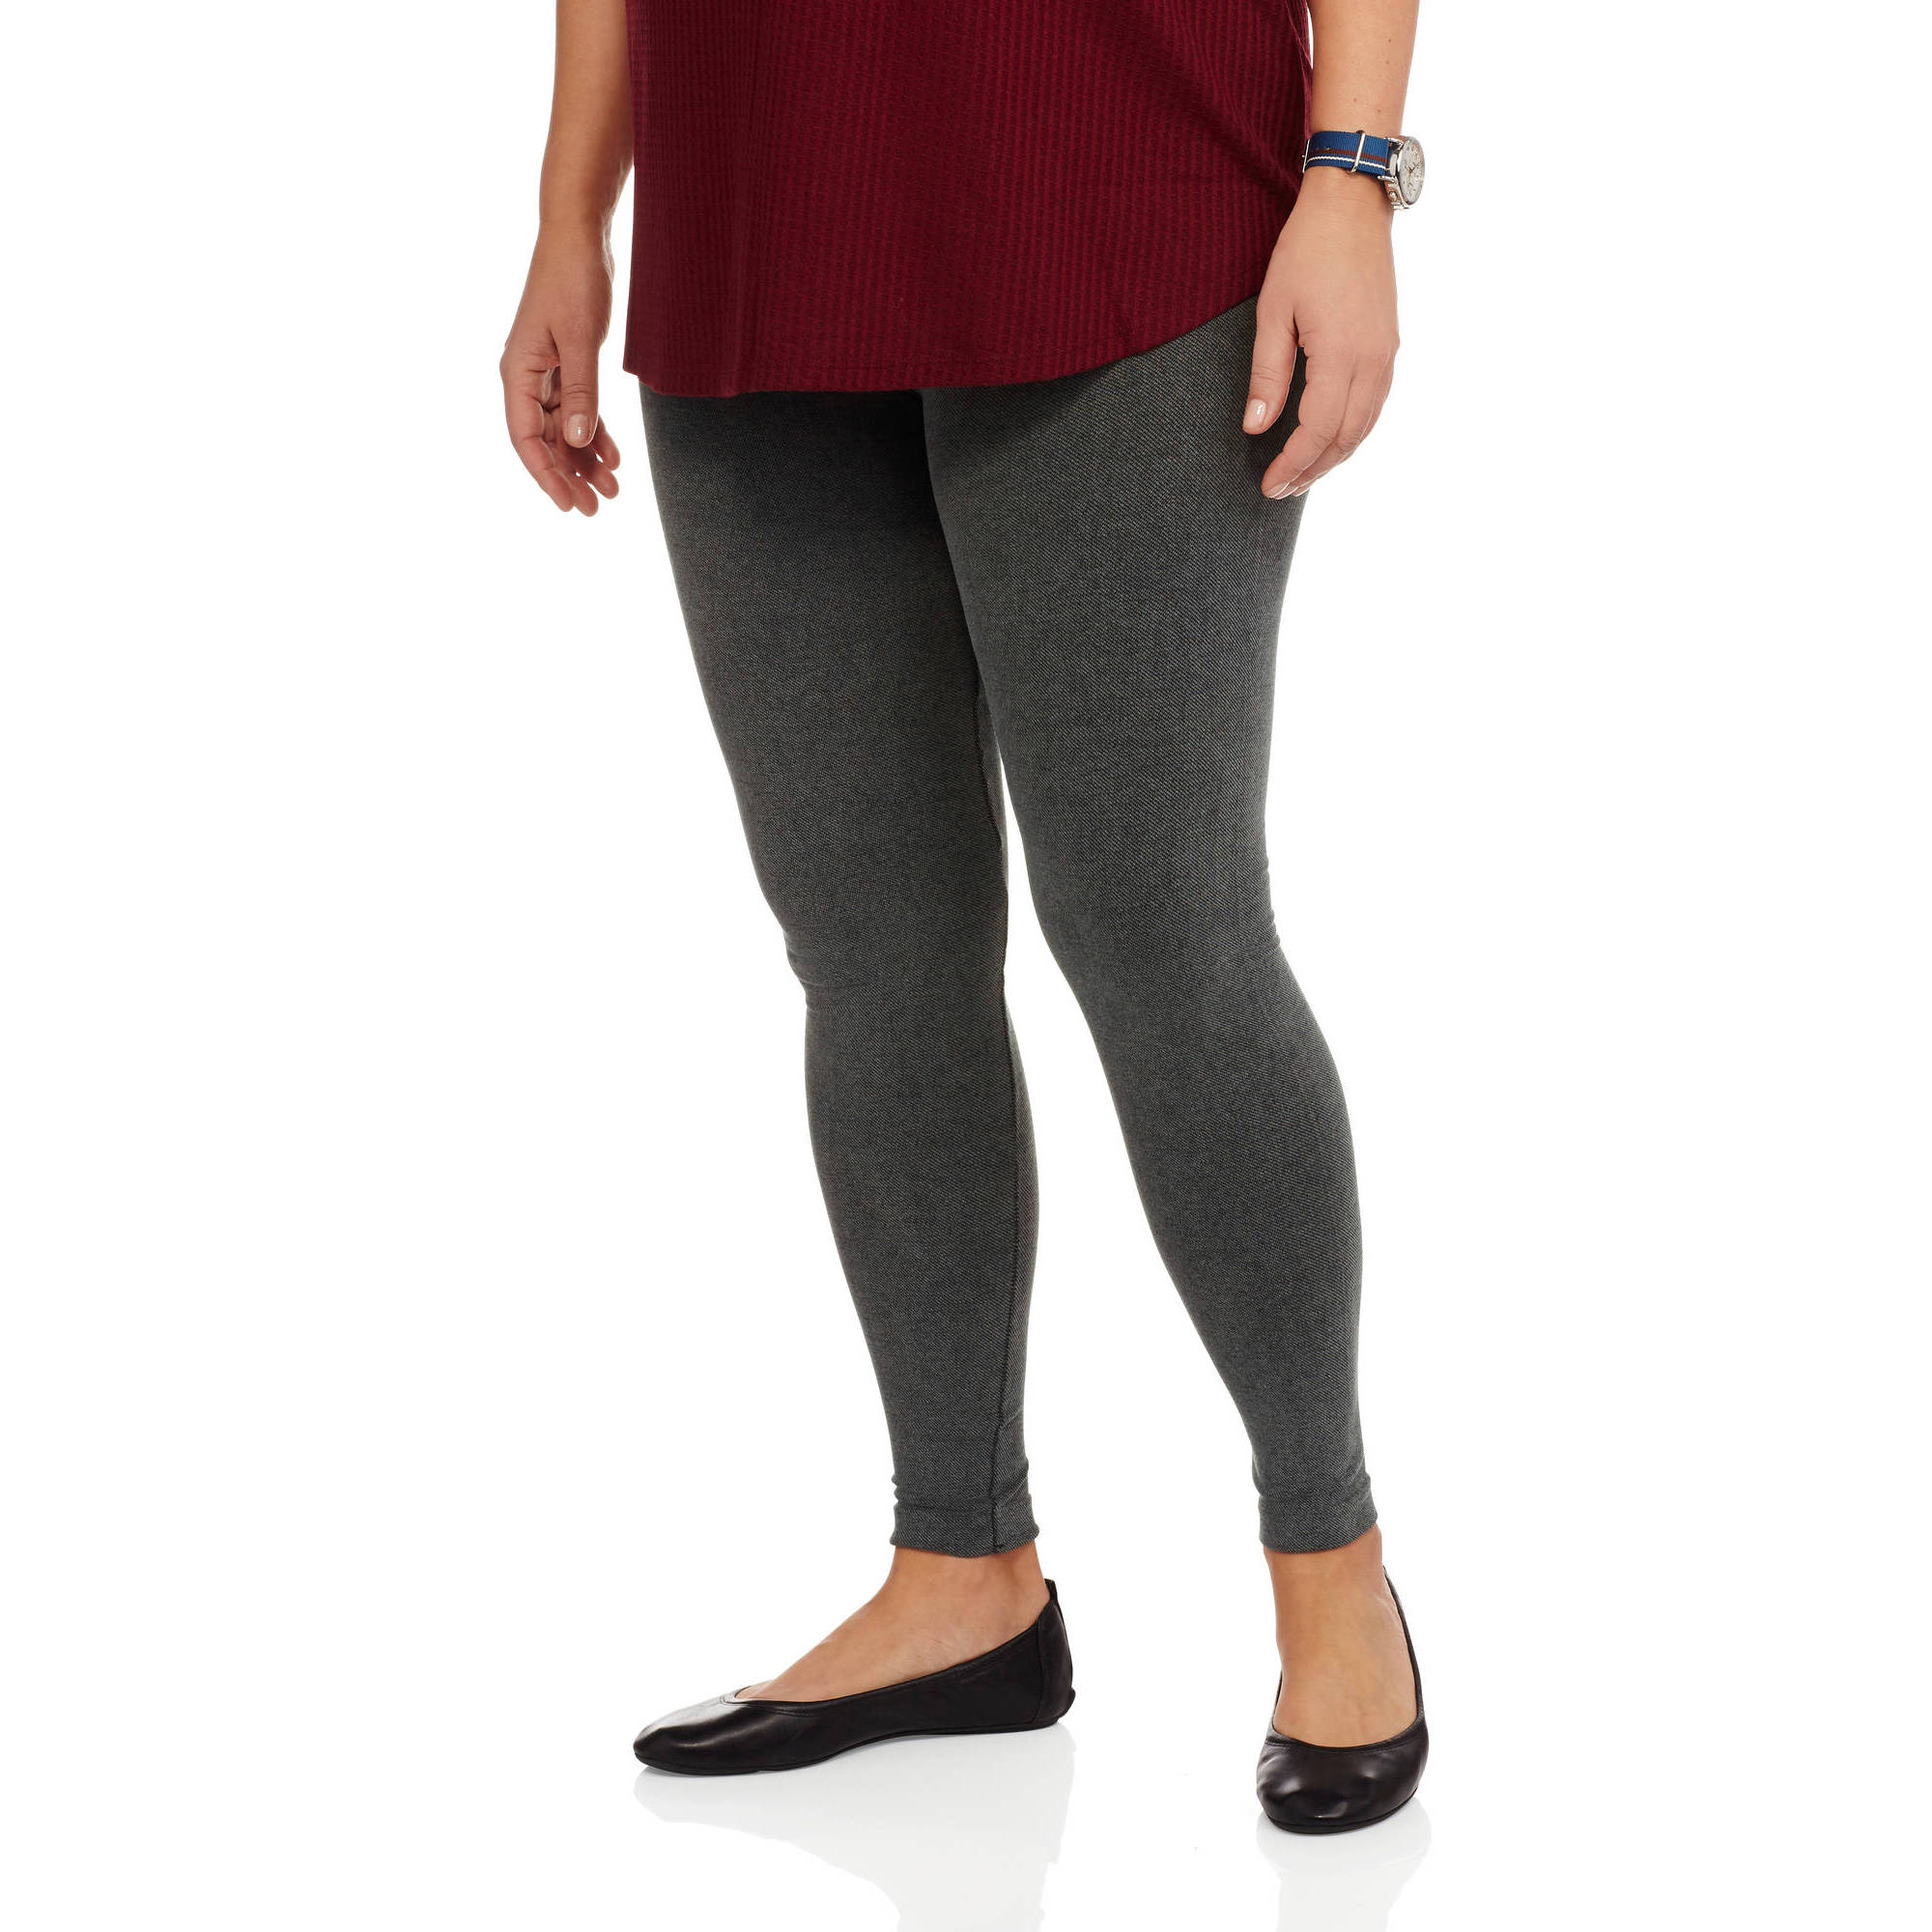 Extra Touch Junior Plus Knit Leggings